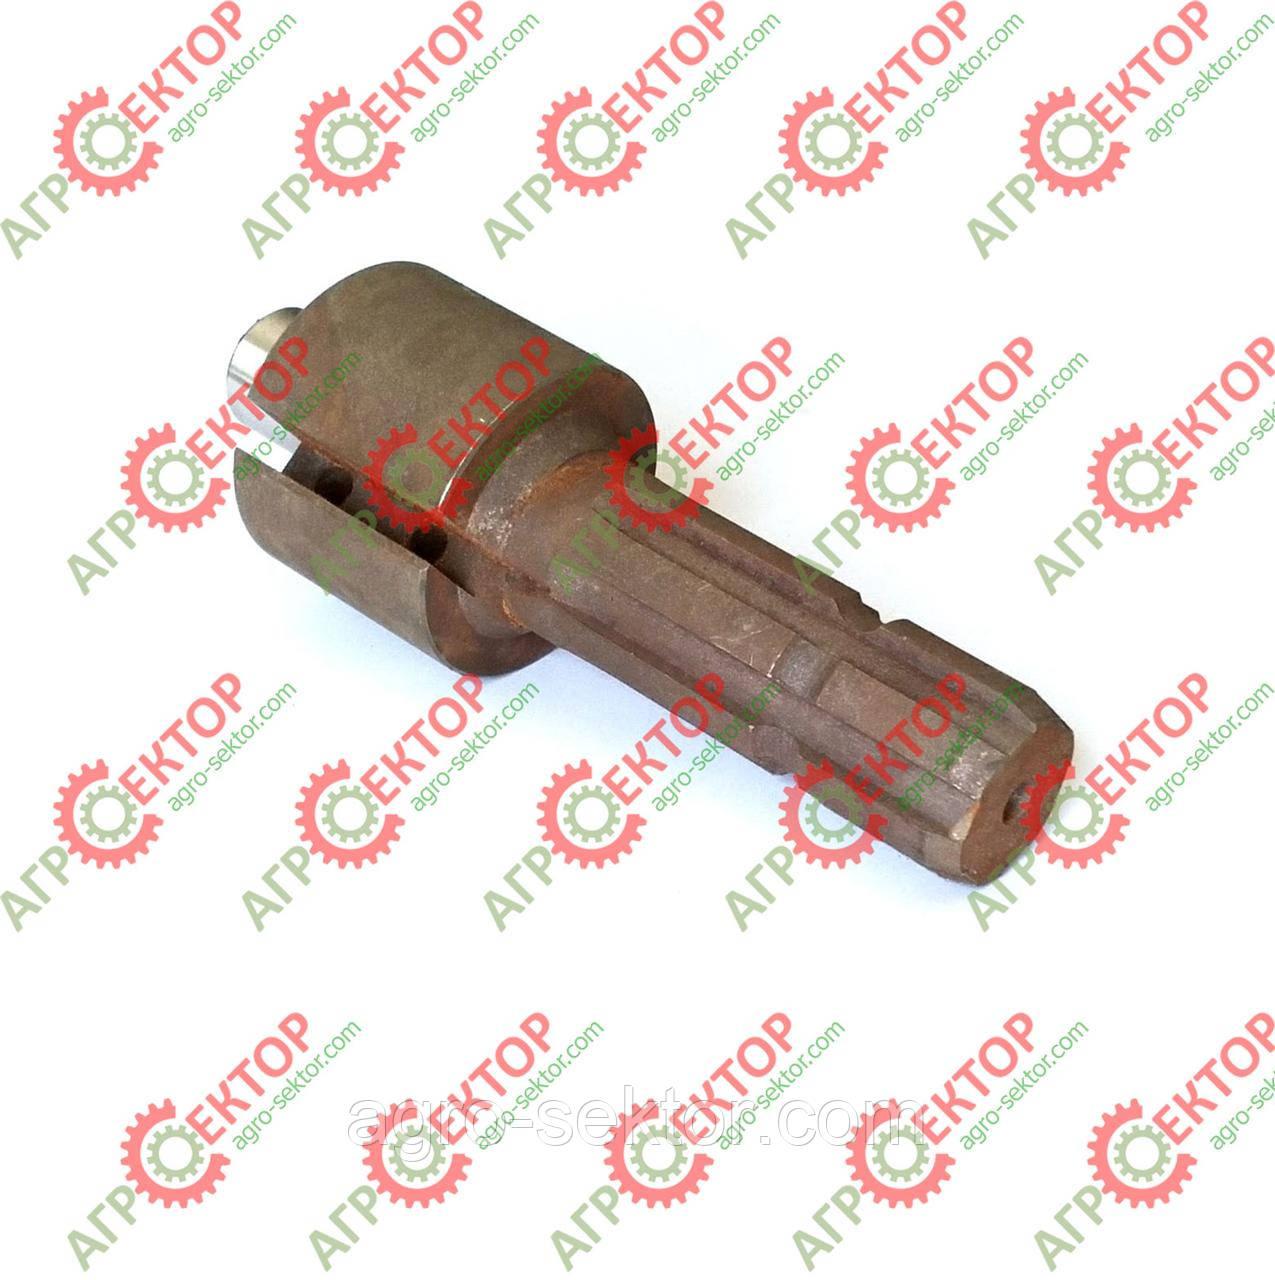 Вал шліцьовий трещітки муфти на прес-підбирач Sipma Z-224 5224-110-203.00